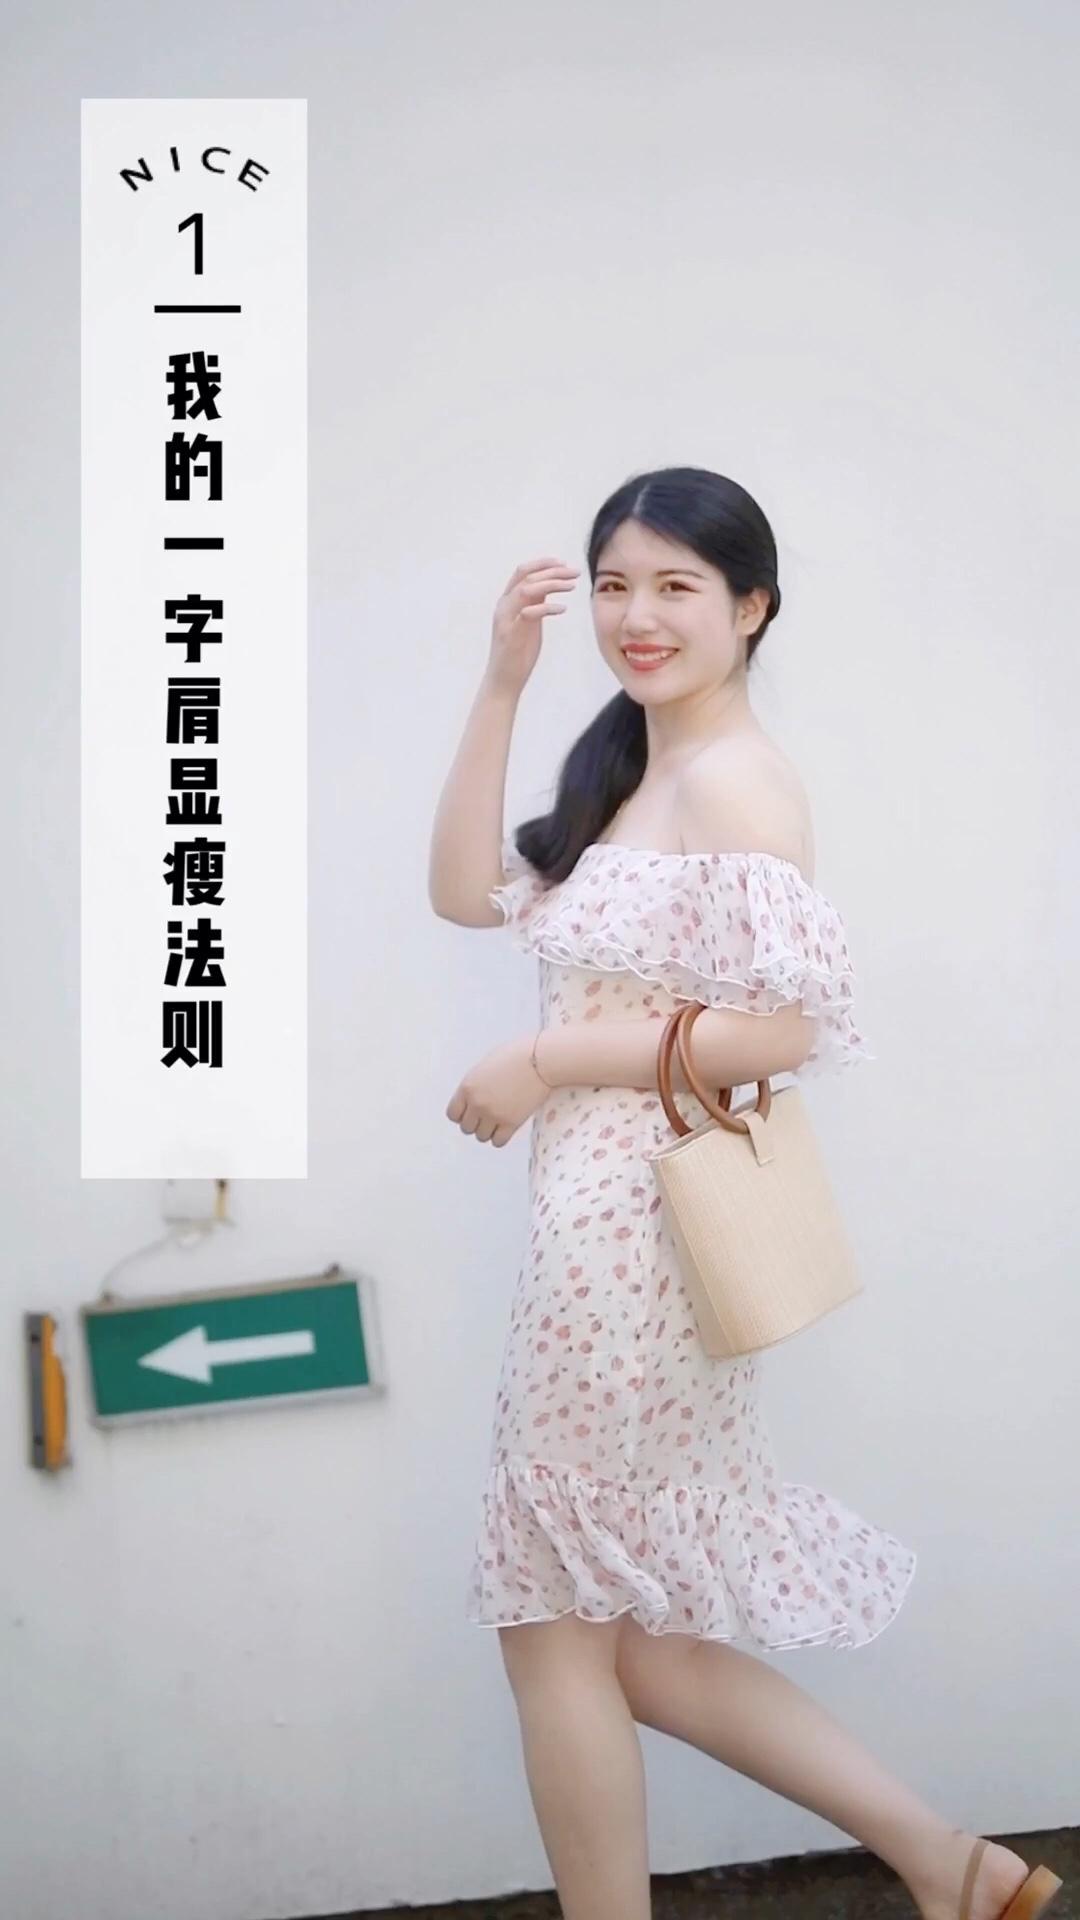 #超上镜!度假裙子在线安利# 度假当然要拥有一条碎花裙!这条一字肩的碎花裙花色比较清新,款式又有点小性感,结合地非常好,推荐哦~